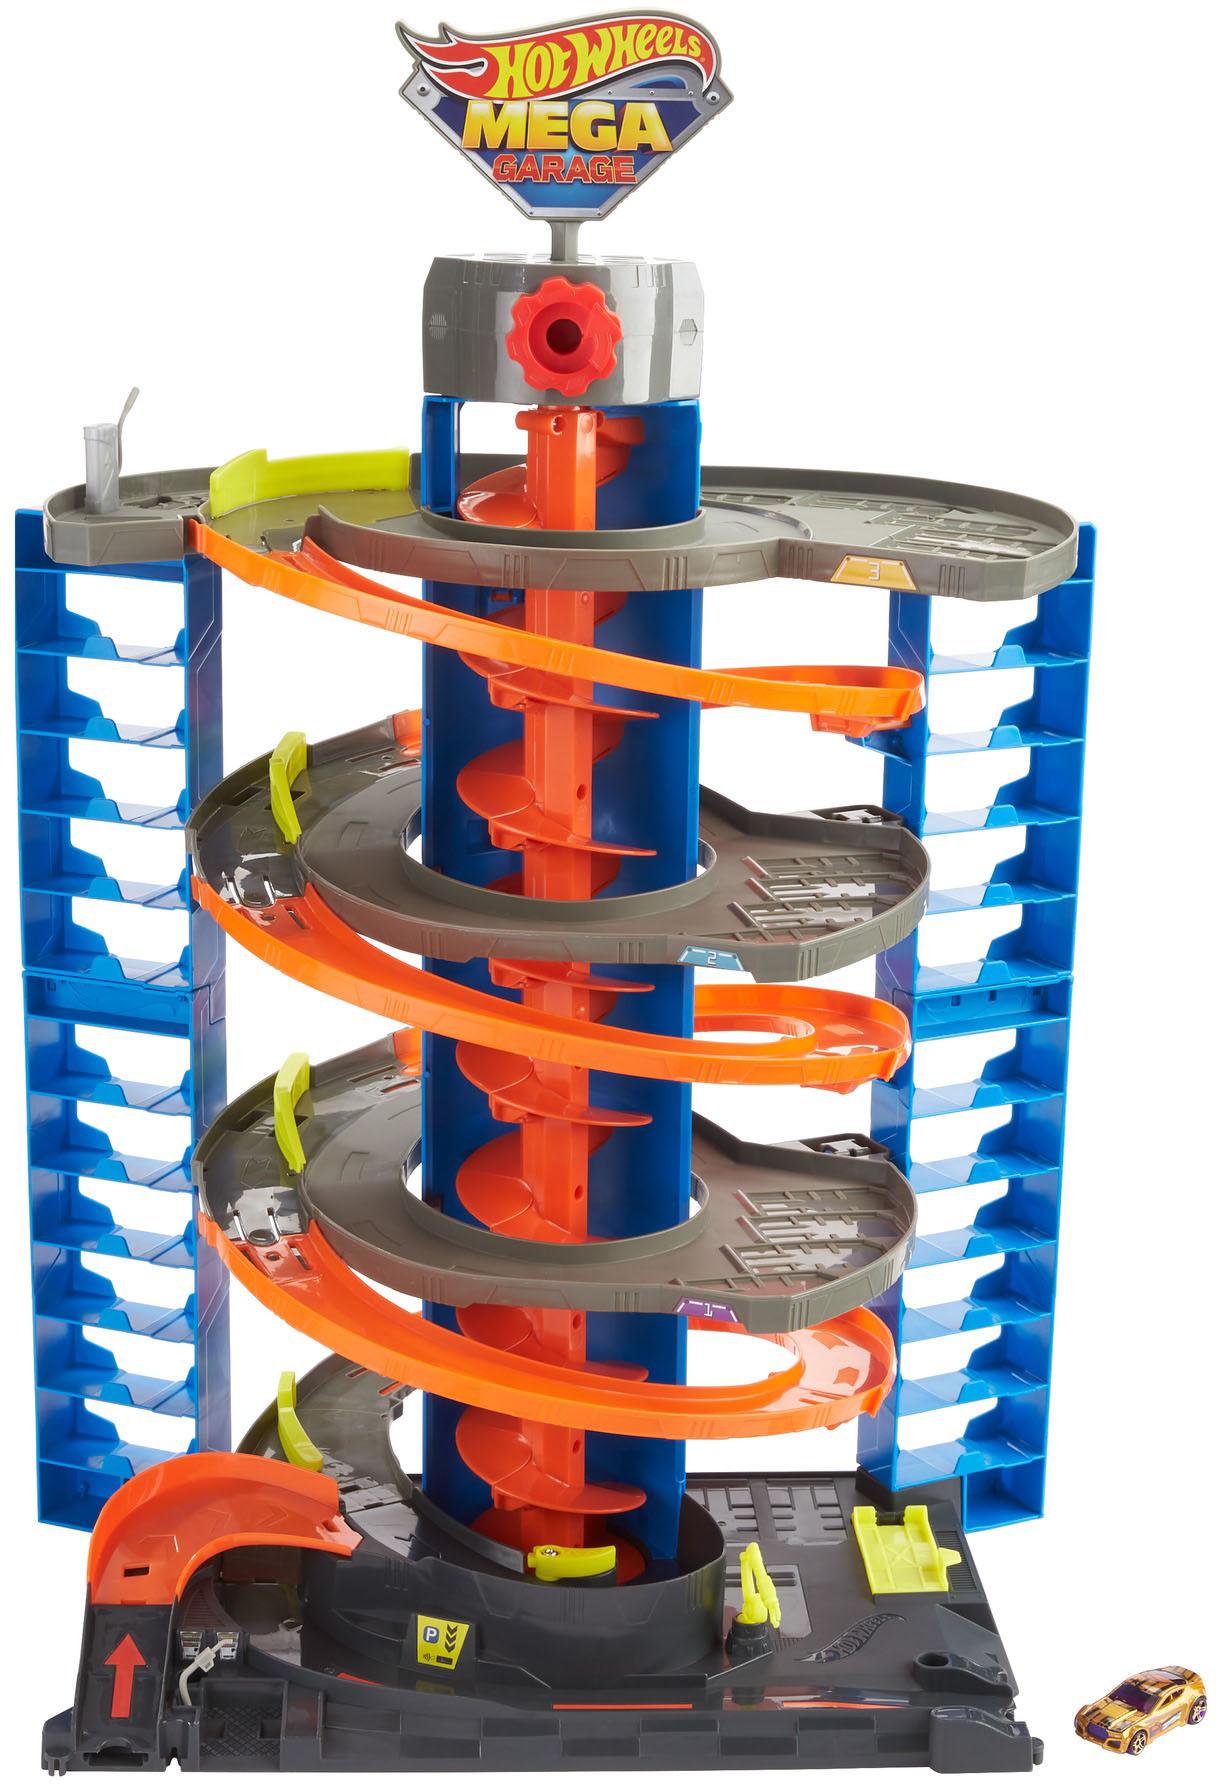 Hot Wheels Spiel-Parkgarage City Parkgarage Spielset, inkl. 1 Spielzeugauto und Zubehör bunt Kinder für Spielzeugautos Autos, Eisenbahn Modellbau